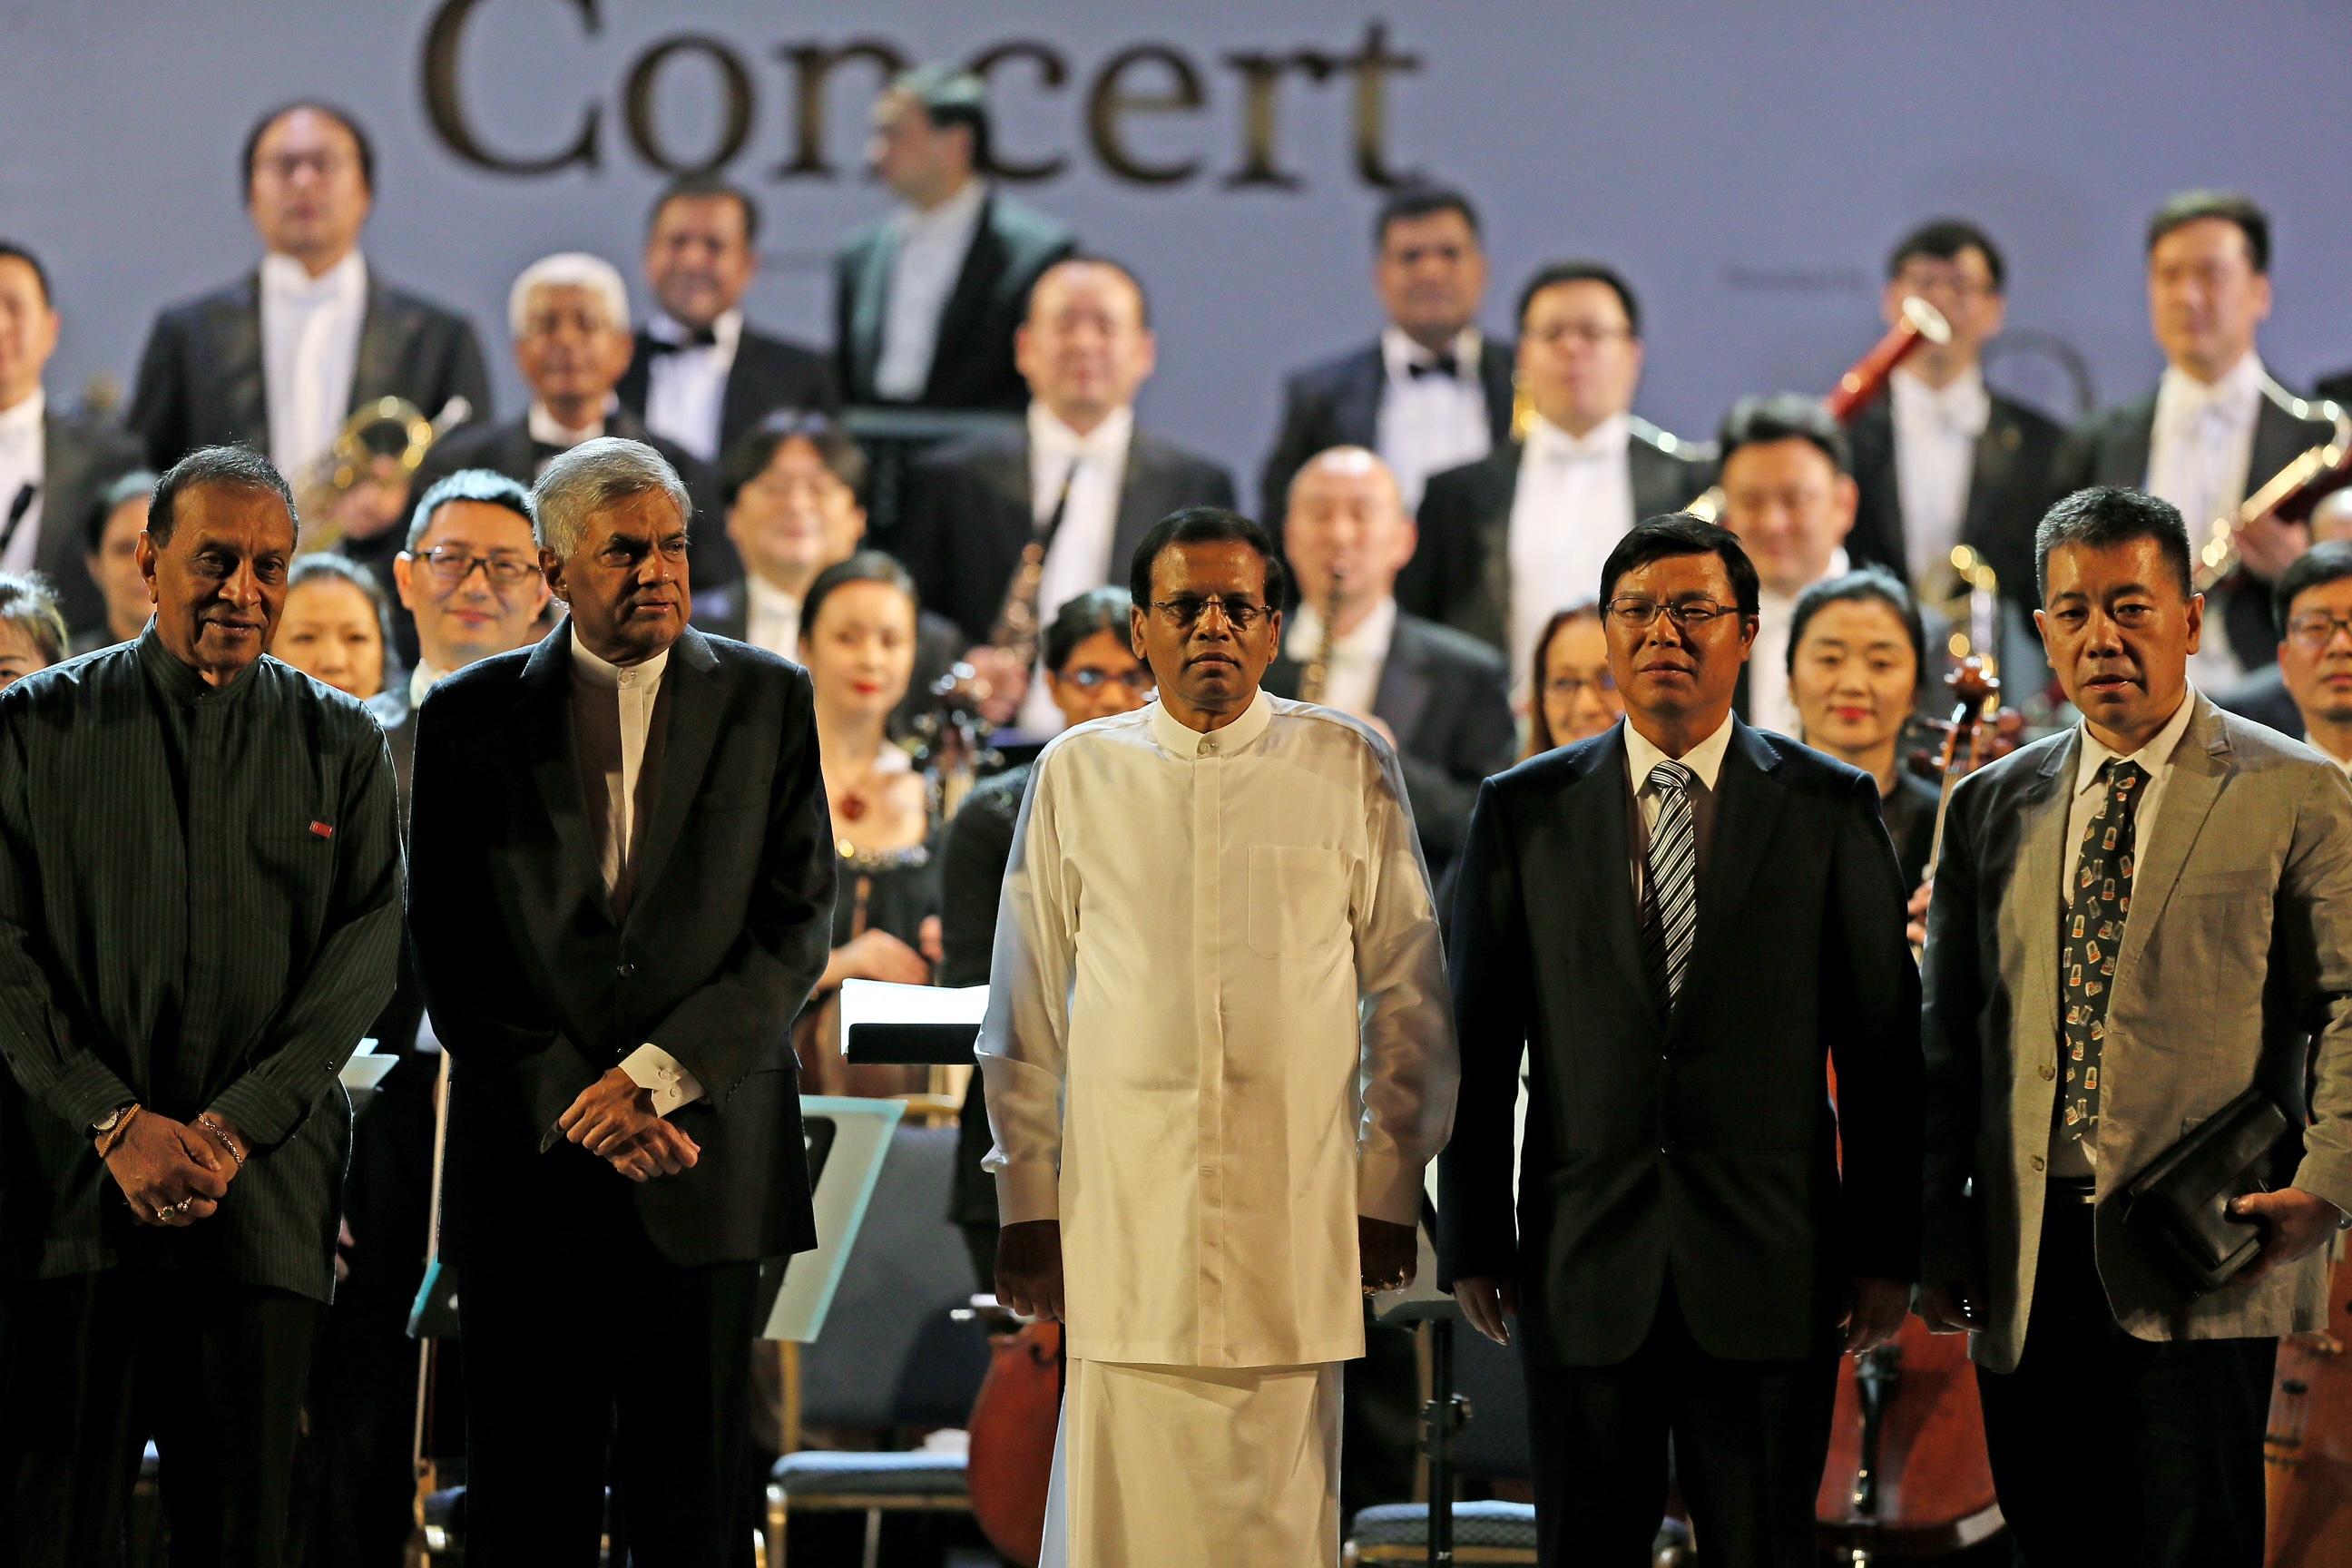 2月6日,科伦坡,总统西里塞纳(中)、总理维克勒马辛哈(左二)等与两国交响乐团合影。;(;新华社记者黄海敏摄;)